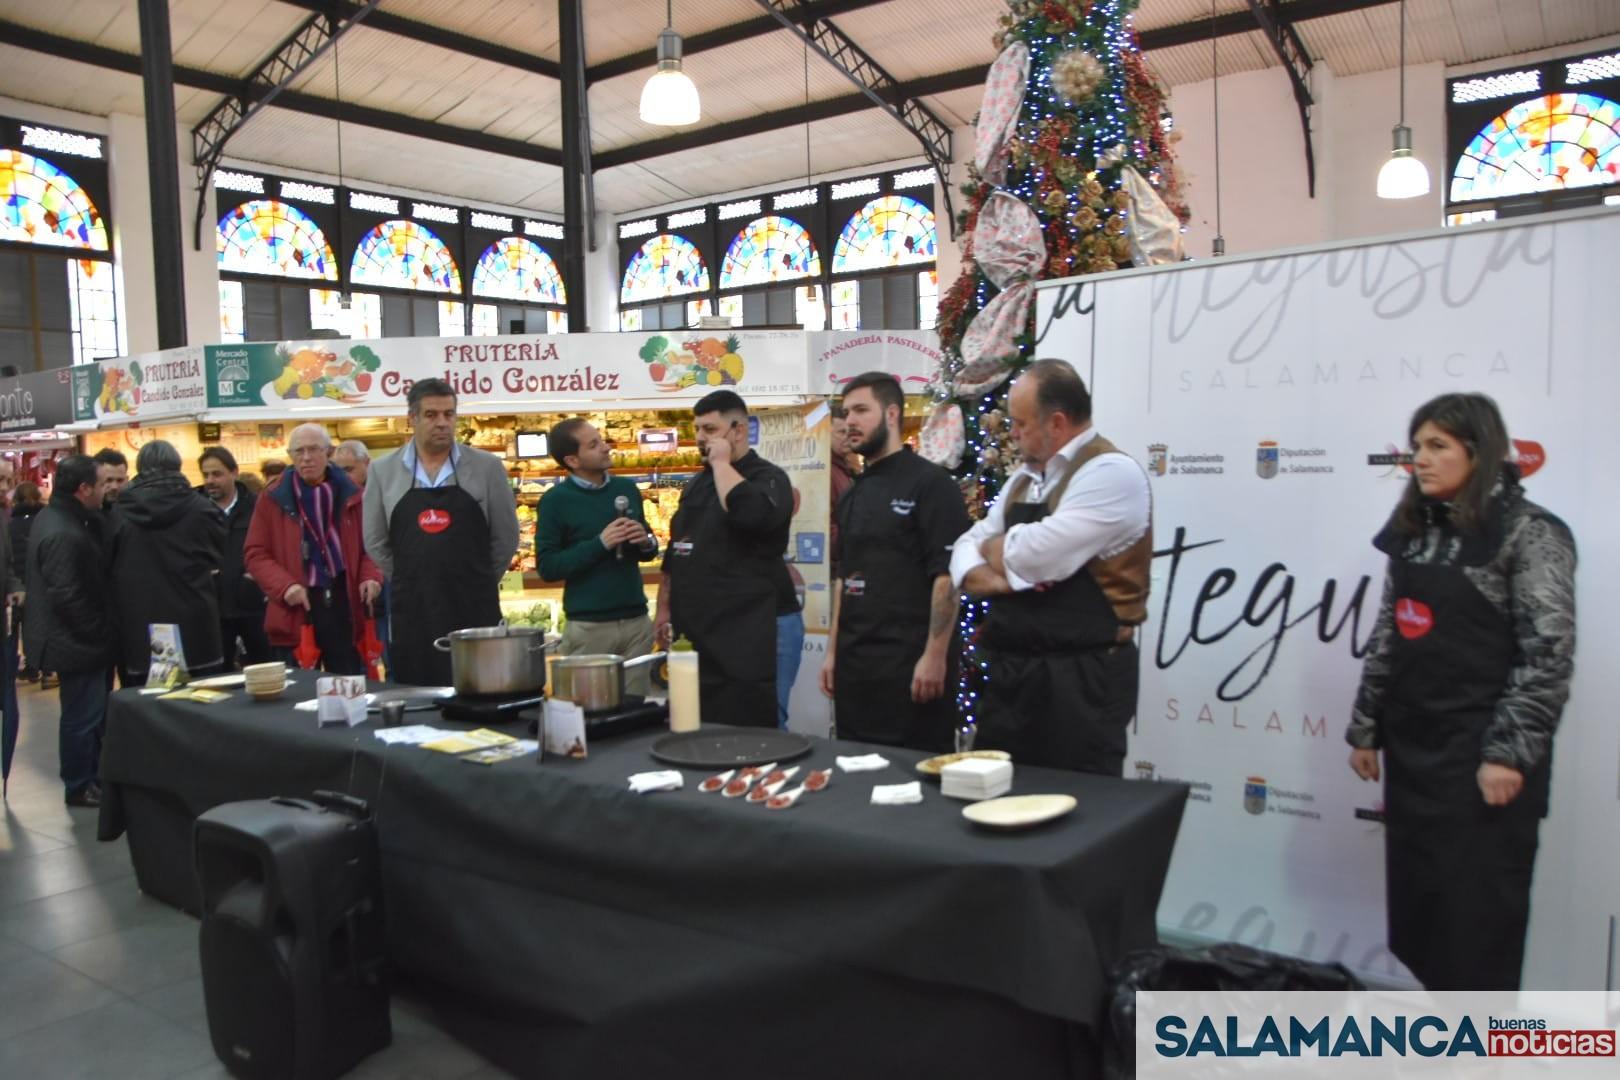 La ternera de Salamanca, protagonista de la última actuación del año de la marca TeGusta Salamanca